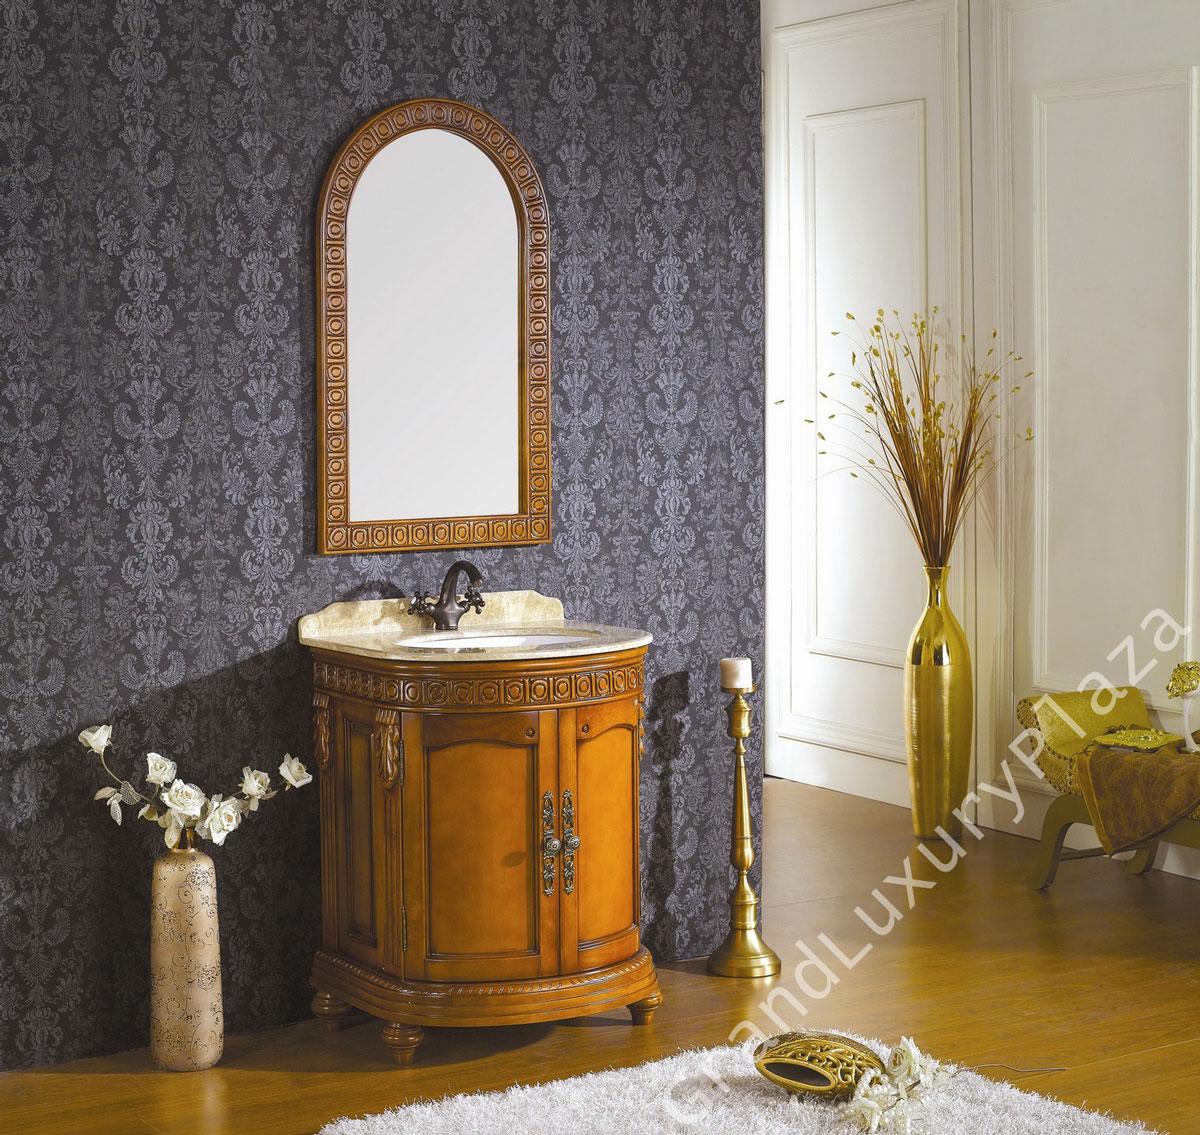 Stylowa łazienkowa szafka pod umywalkę i lustro z kompletu. Wykonana z jasnego drewna i marmuru, ręcznie rzeźbiona.